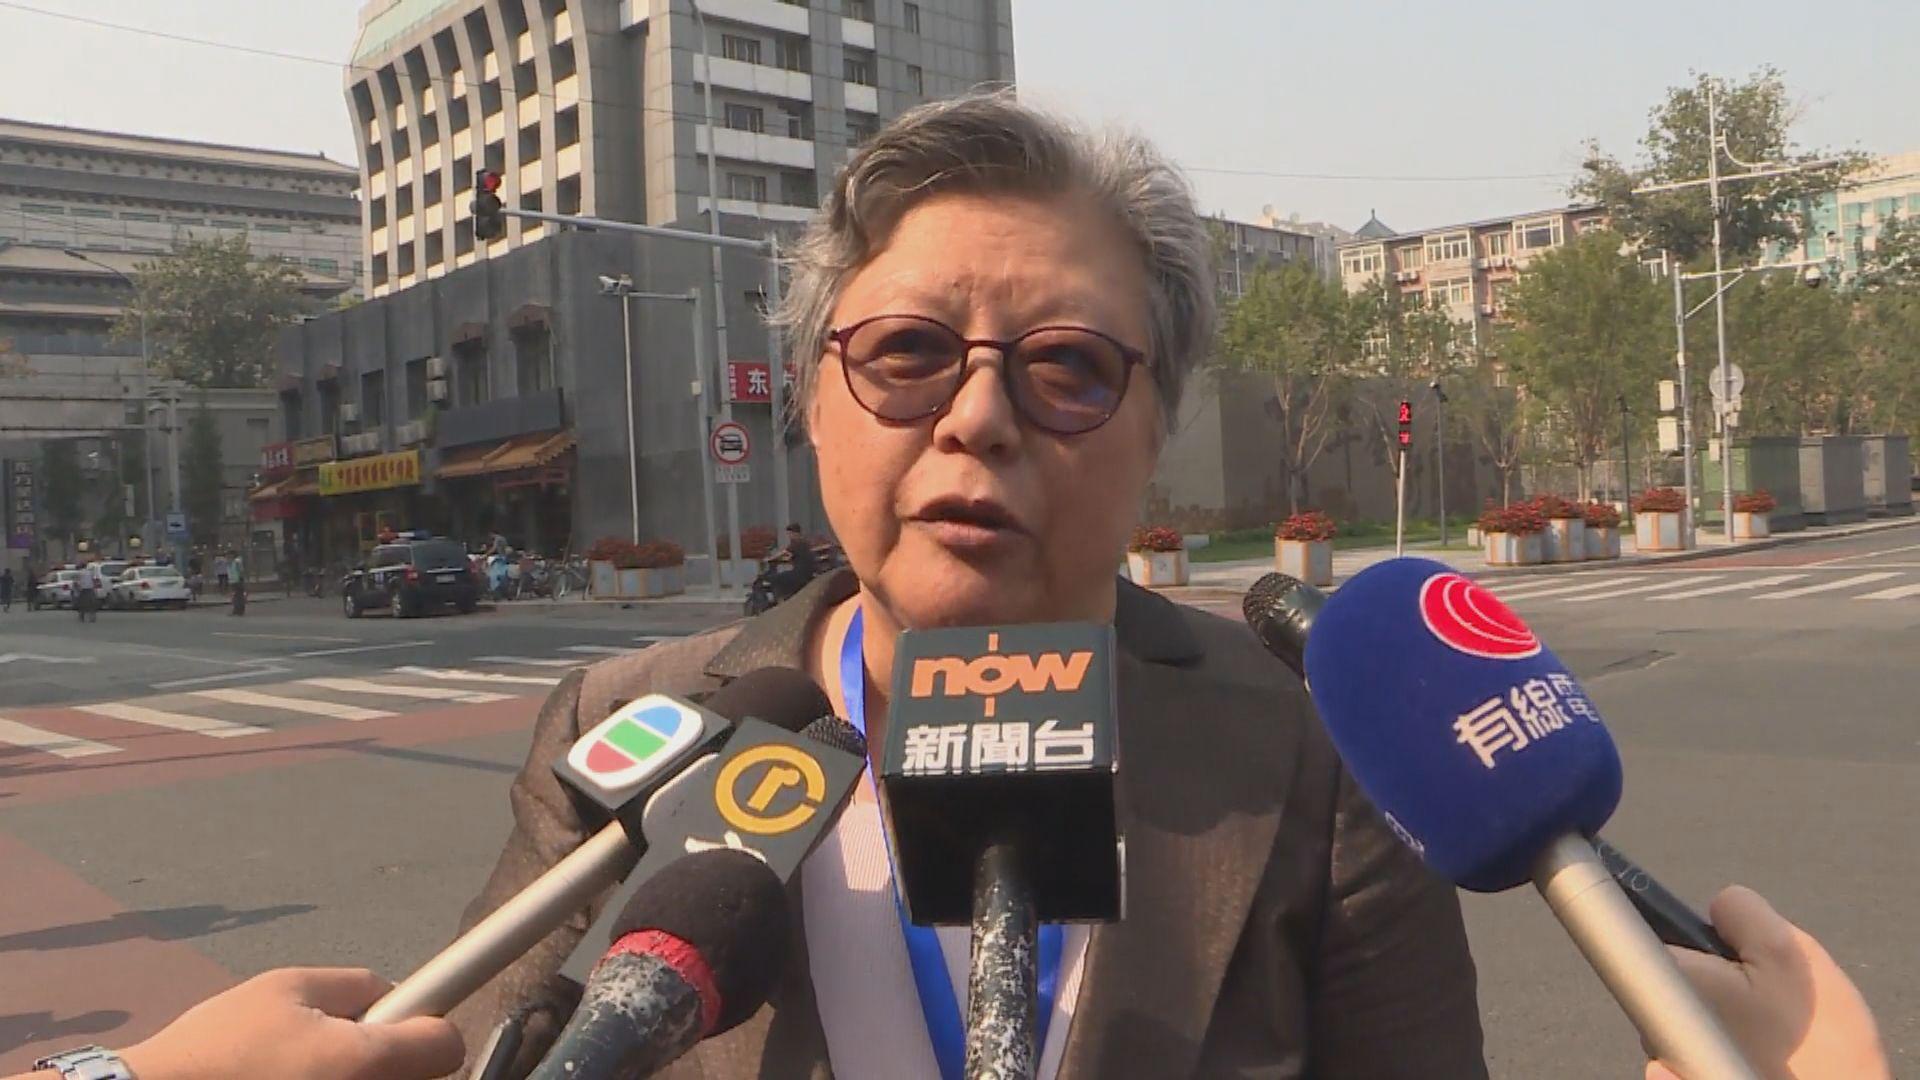 范徐麗泰:香港應自行處理現況非依靠其他人